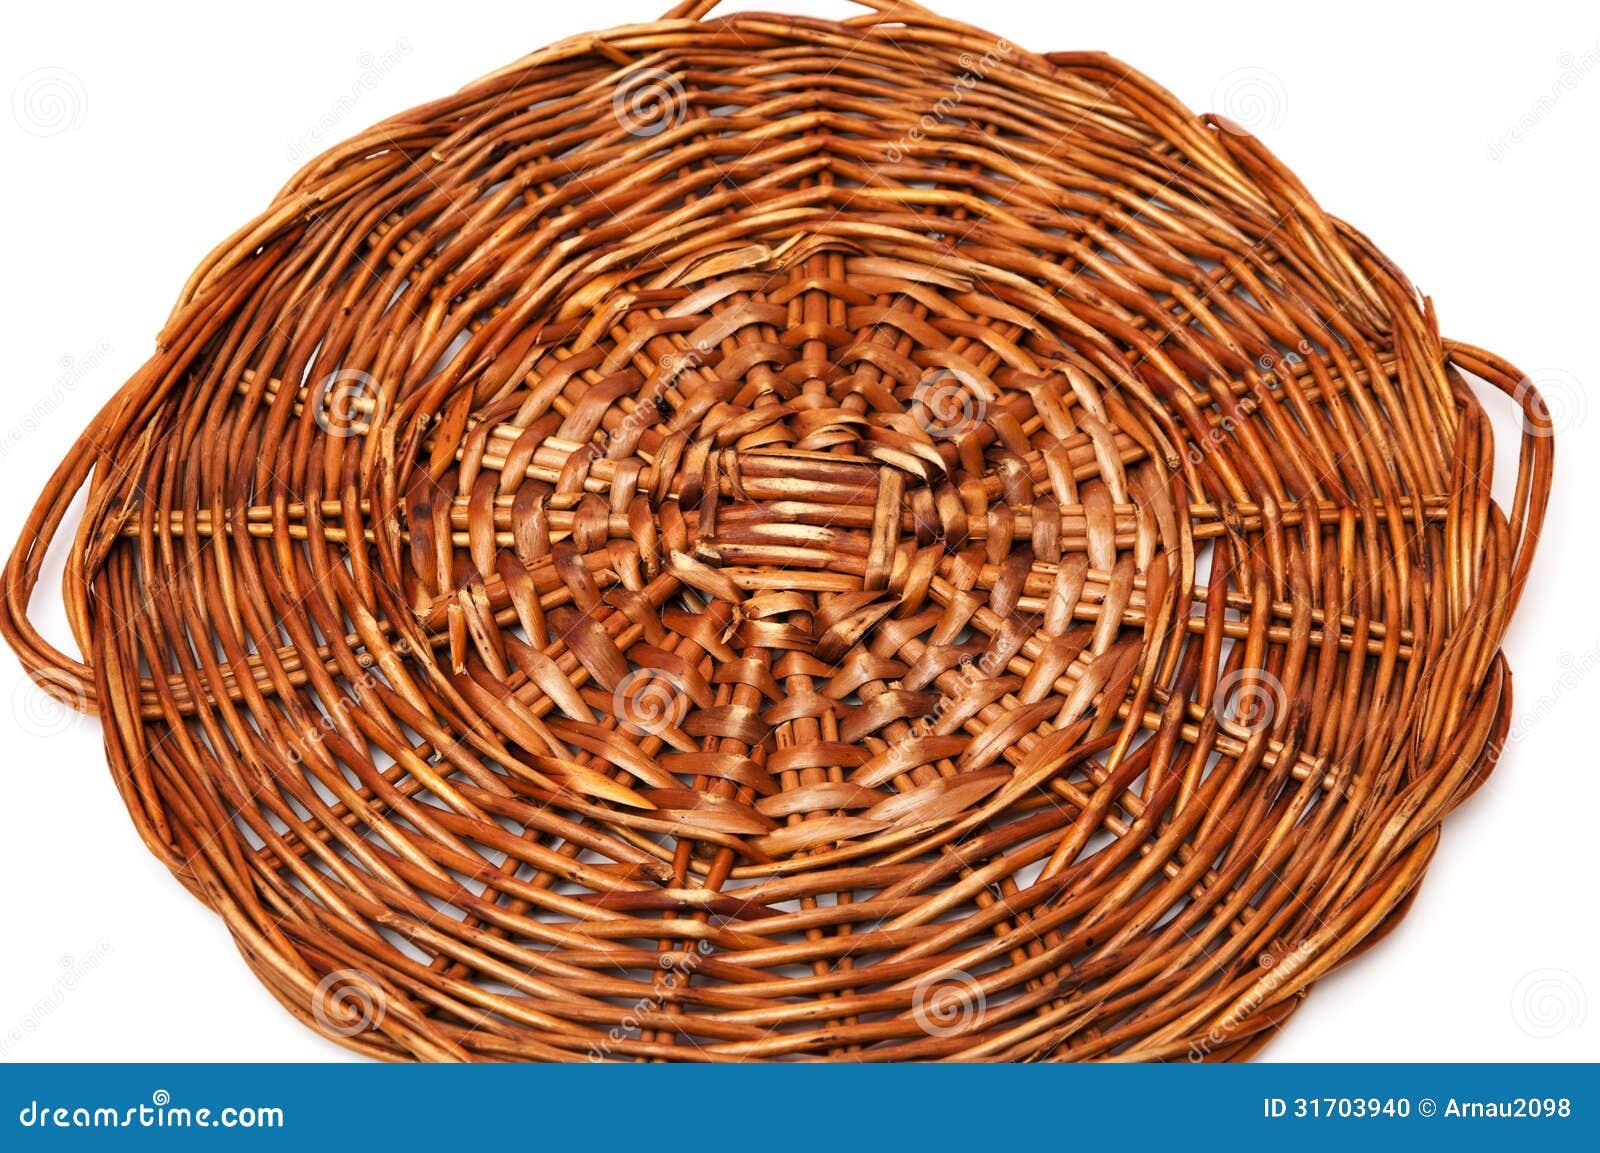 tapis en bois photo stock image 31703940. Black Bedroom Furniture Sets. Home Design Ideas